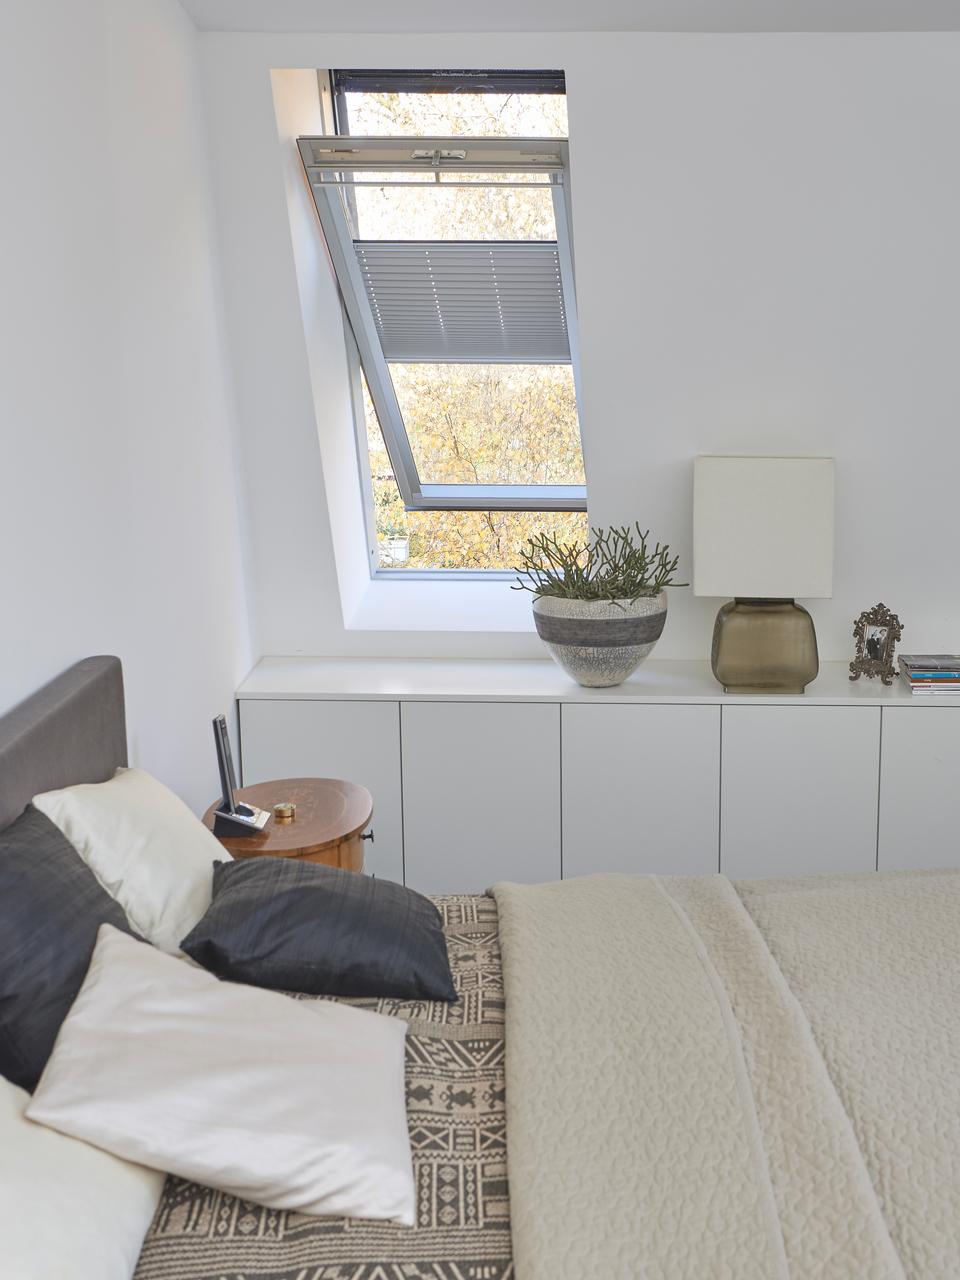 Camera da letto for Camera da letto matrimoniale in mansarda